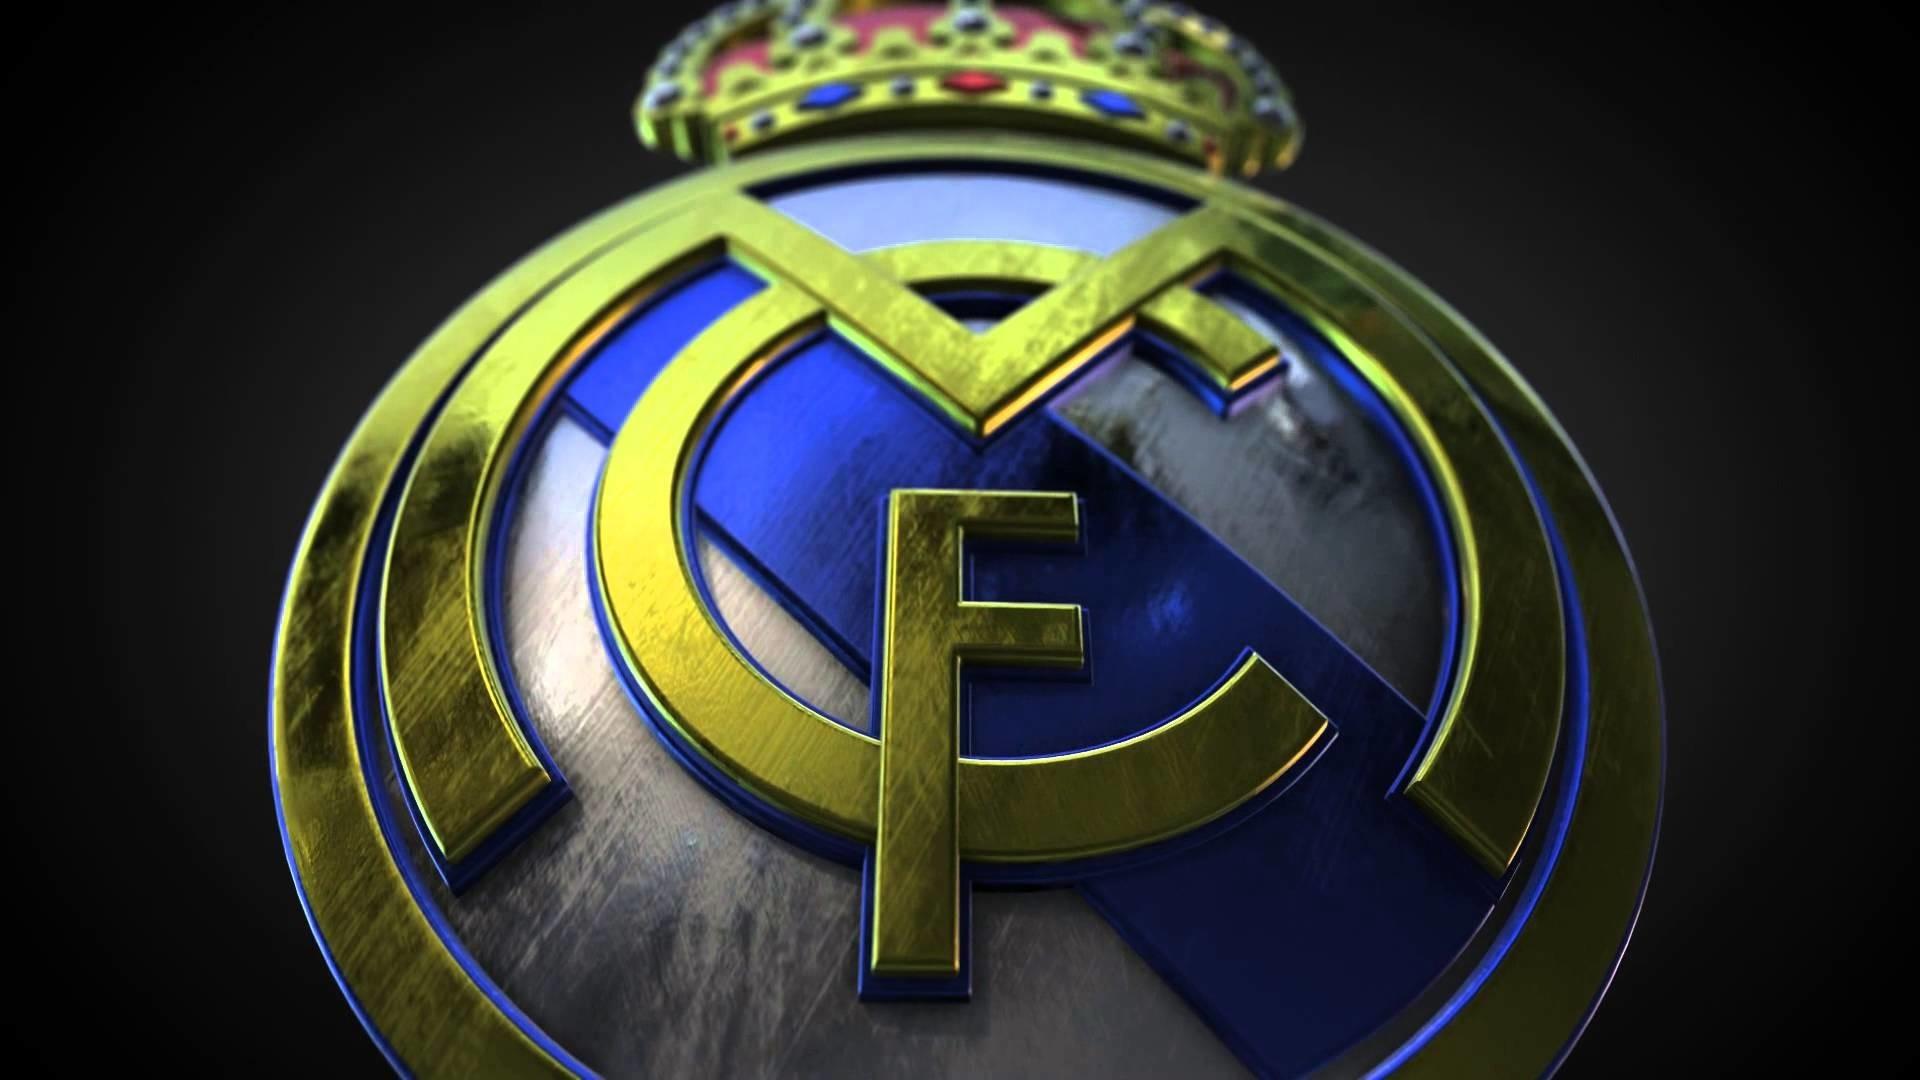 Добро пожаловать на самое большое сообщество о футбольном клубе Реал Мадрид ВКонтакте